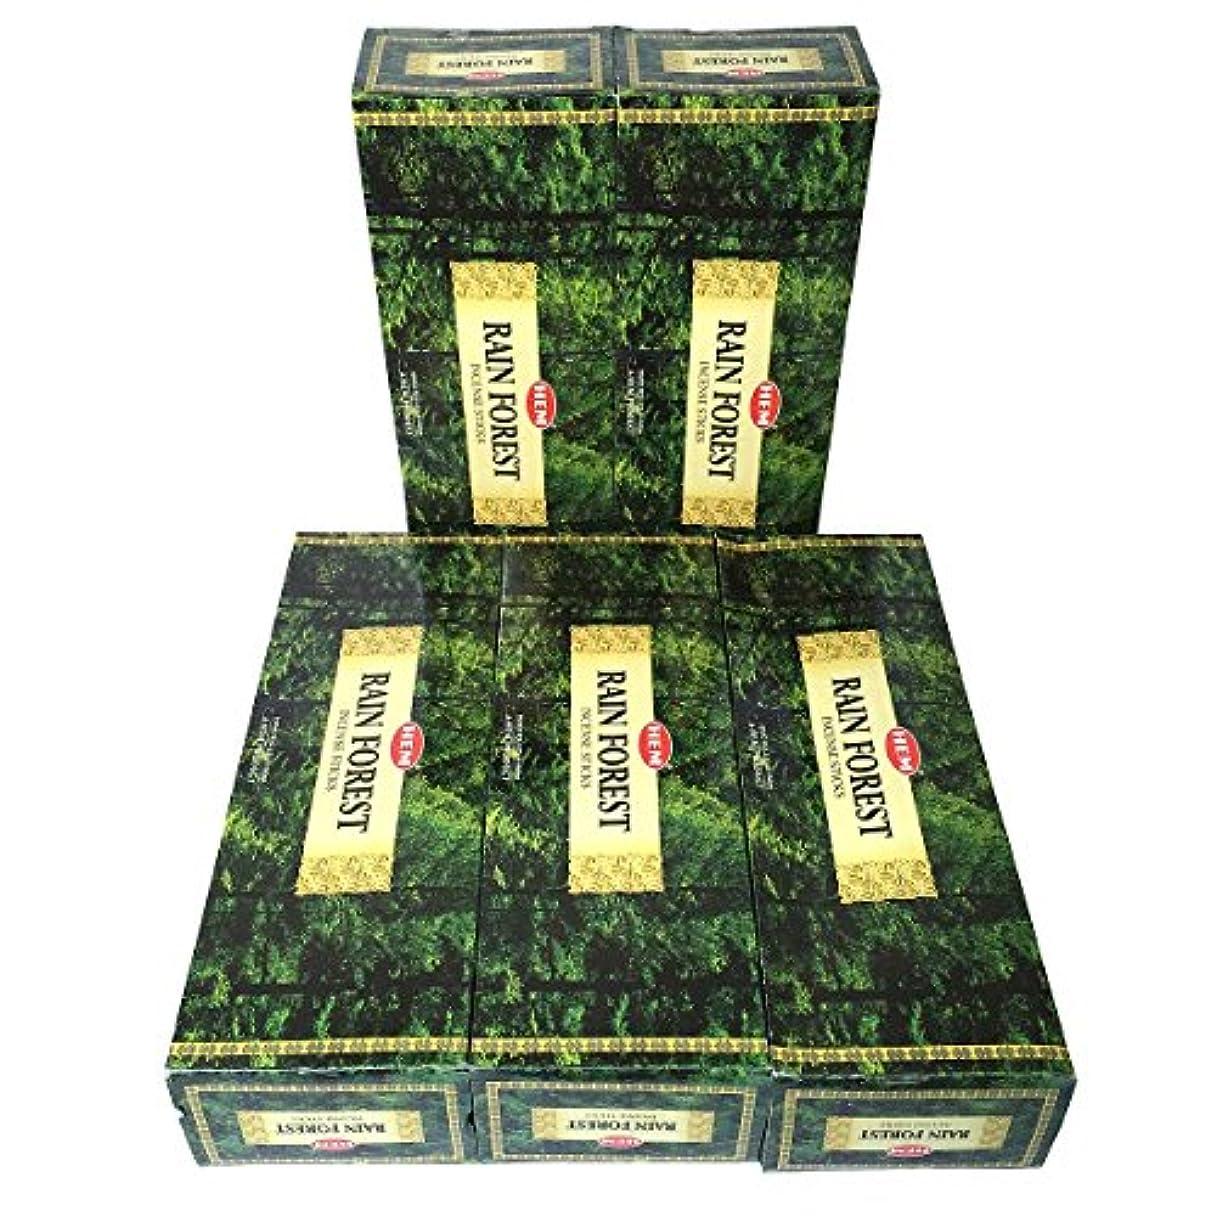 スクランブル責め仮定するHEM レインフォレスト香 スティック 5BOX(30箱)/HEM RAIN FOREST/ インド香 / 送料無料 [並行輸入品]